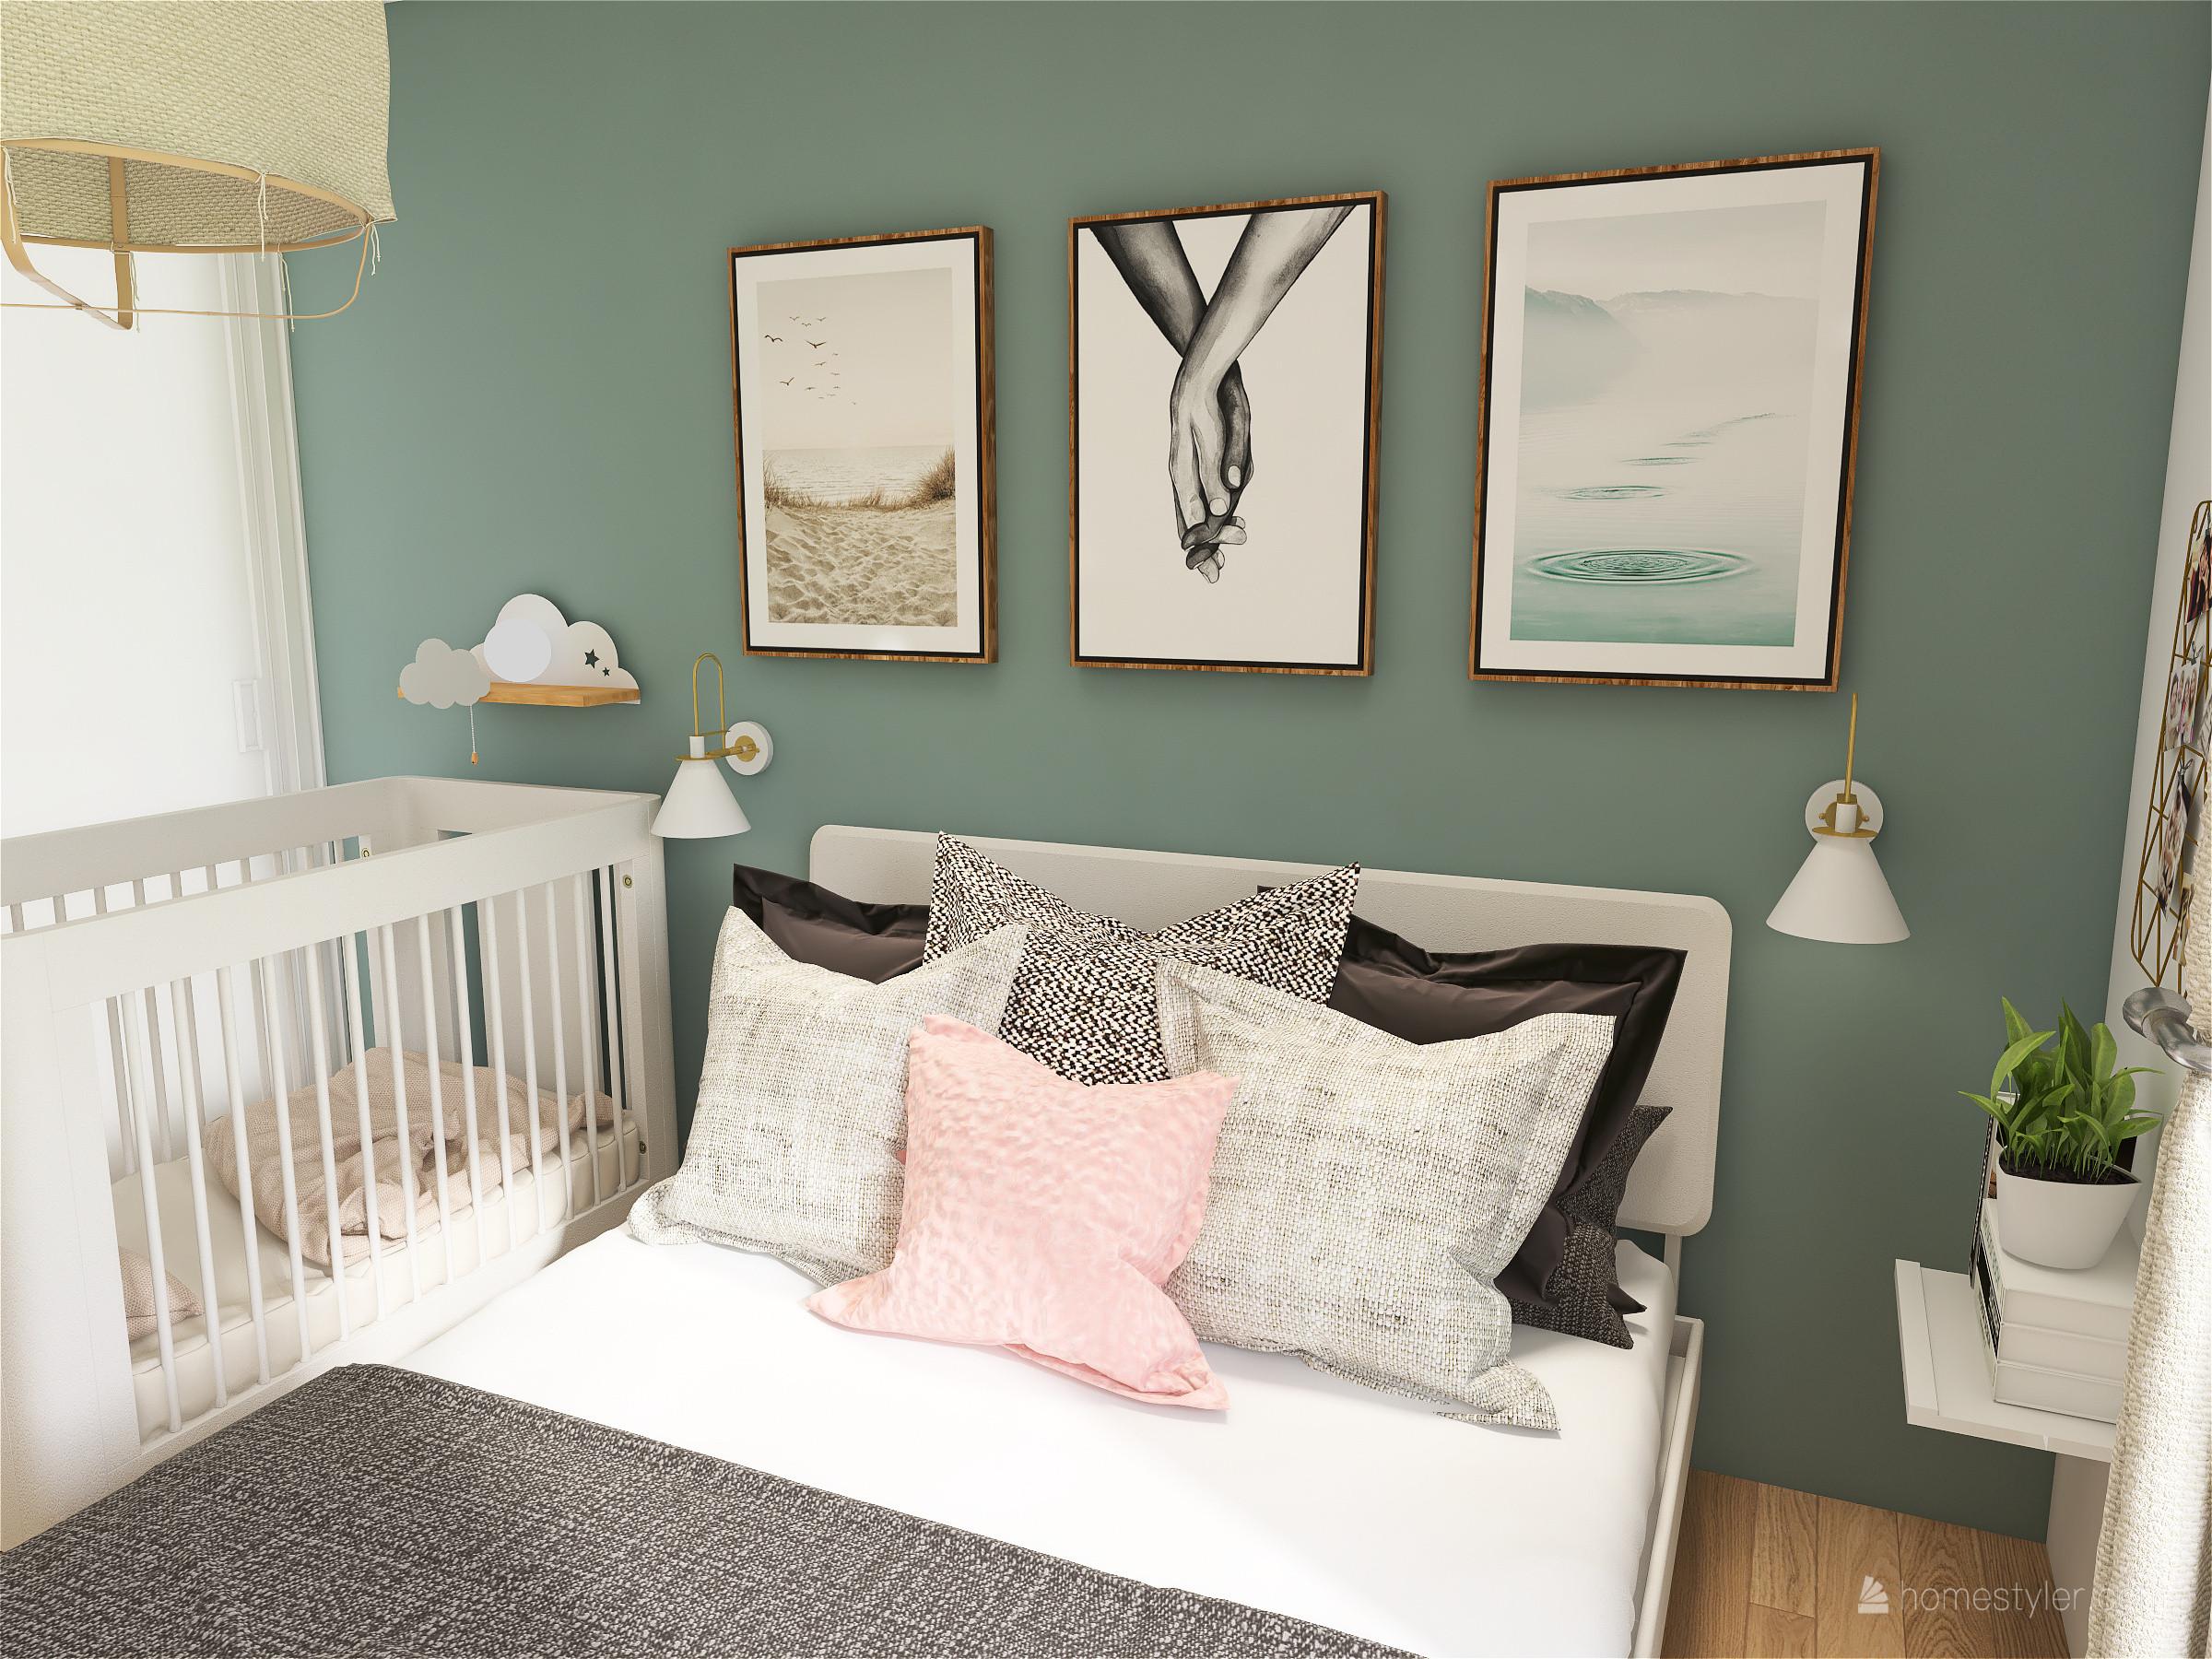 Projet Alfortville - Décoration d'une chambre parental